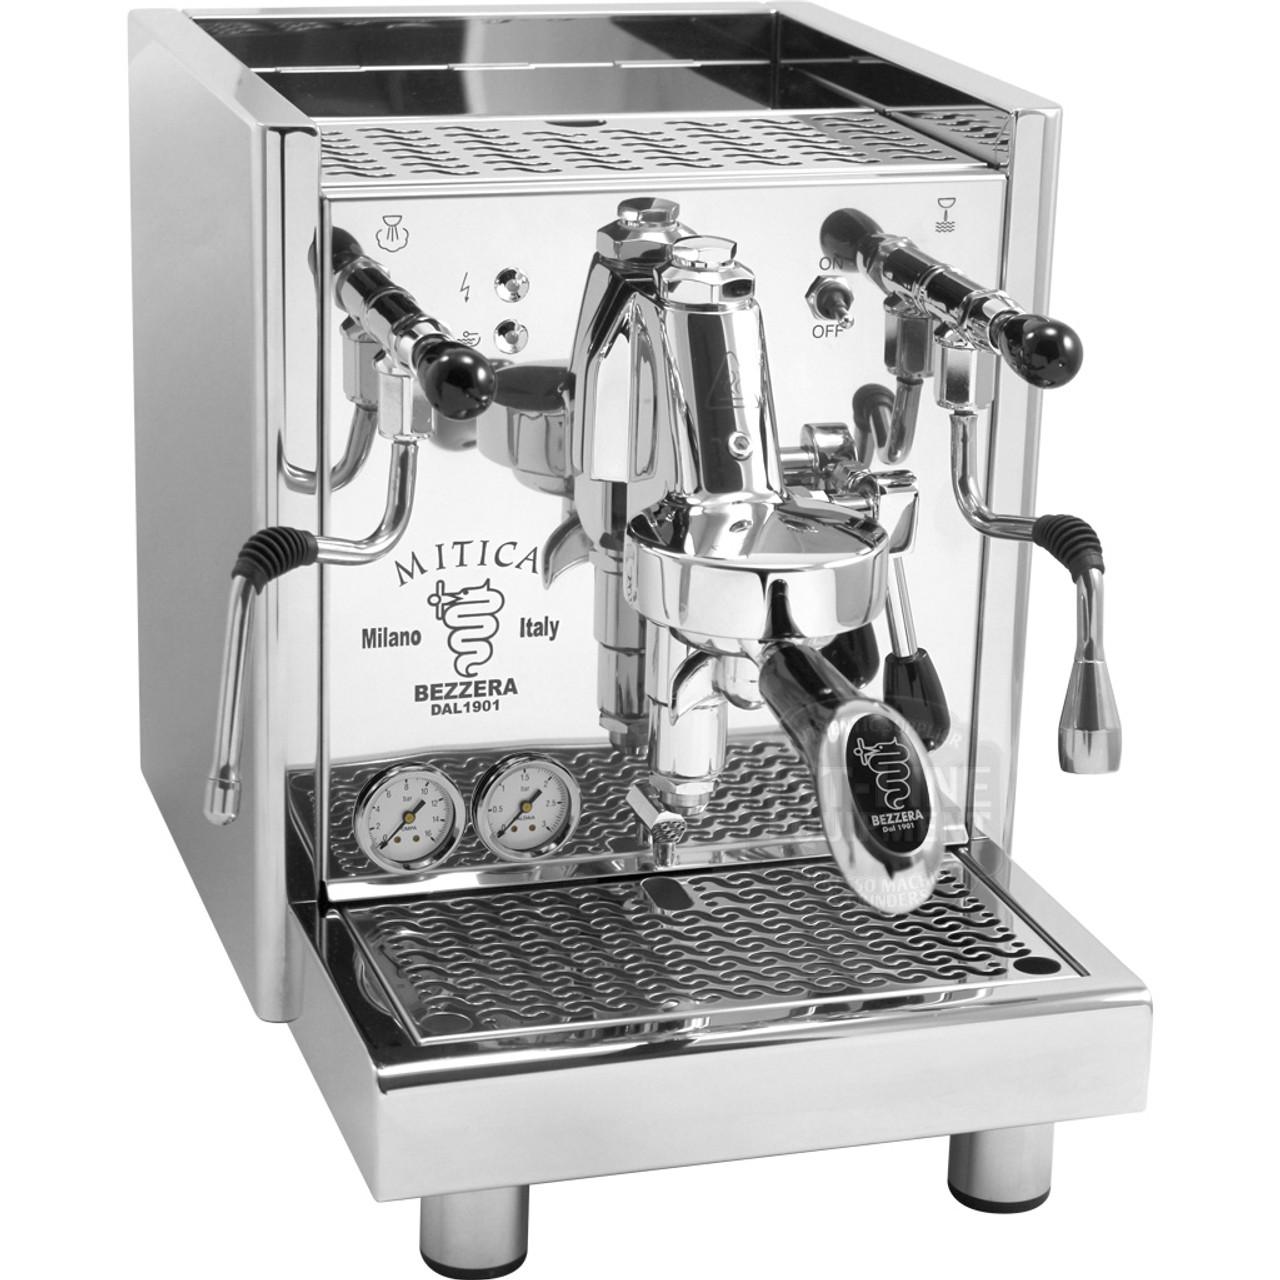 Caffe Milano Bezzera Espressotasse mit Unterteller